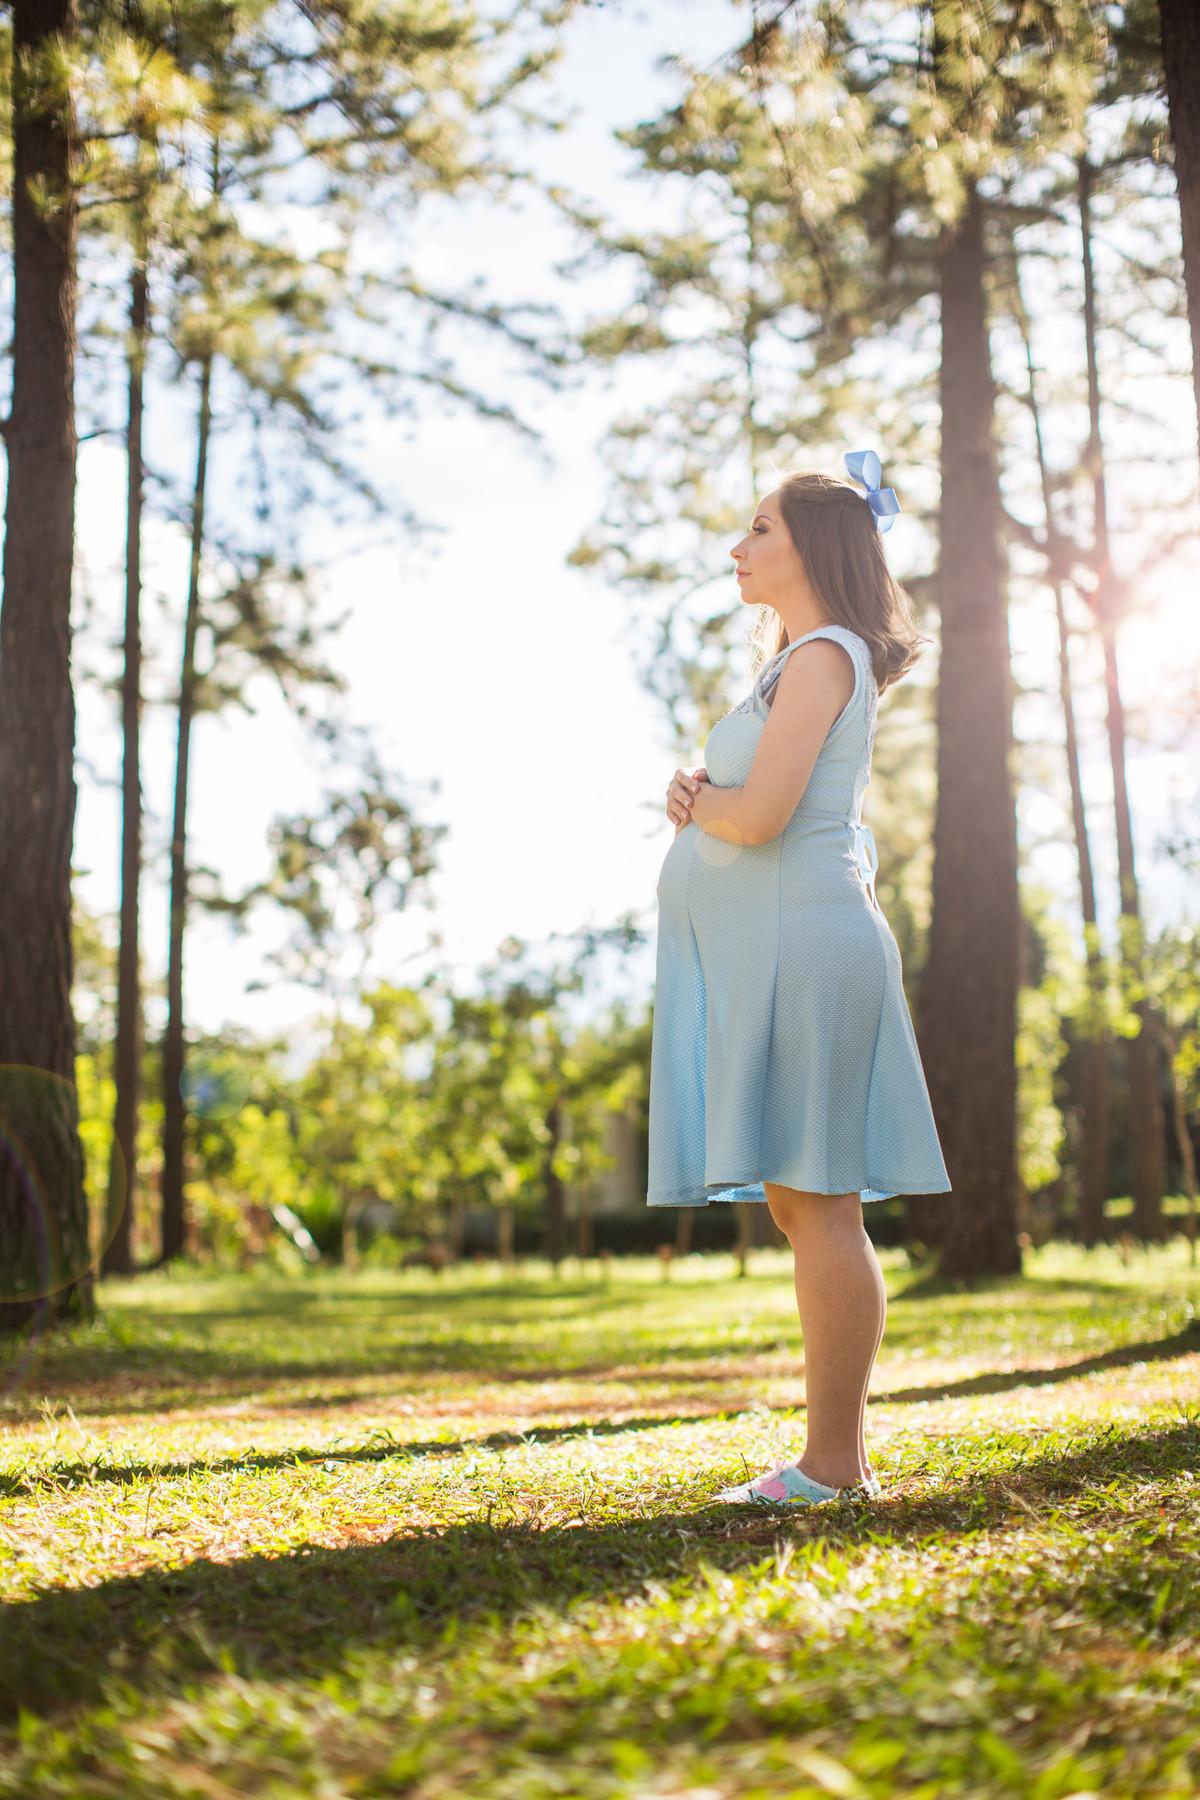 Ensaio de grávida na temática mundo Terra do Nunca feito pelo fotógrafo Rafael Ohana em Brasiilia-DF